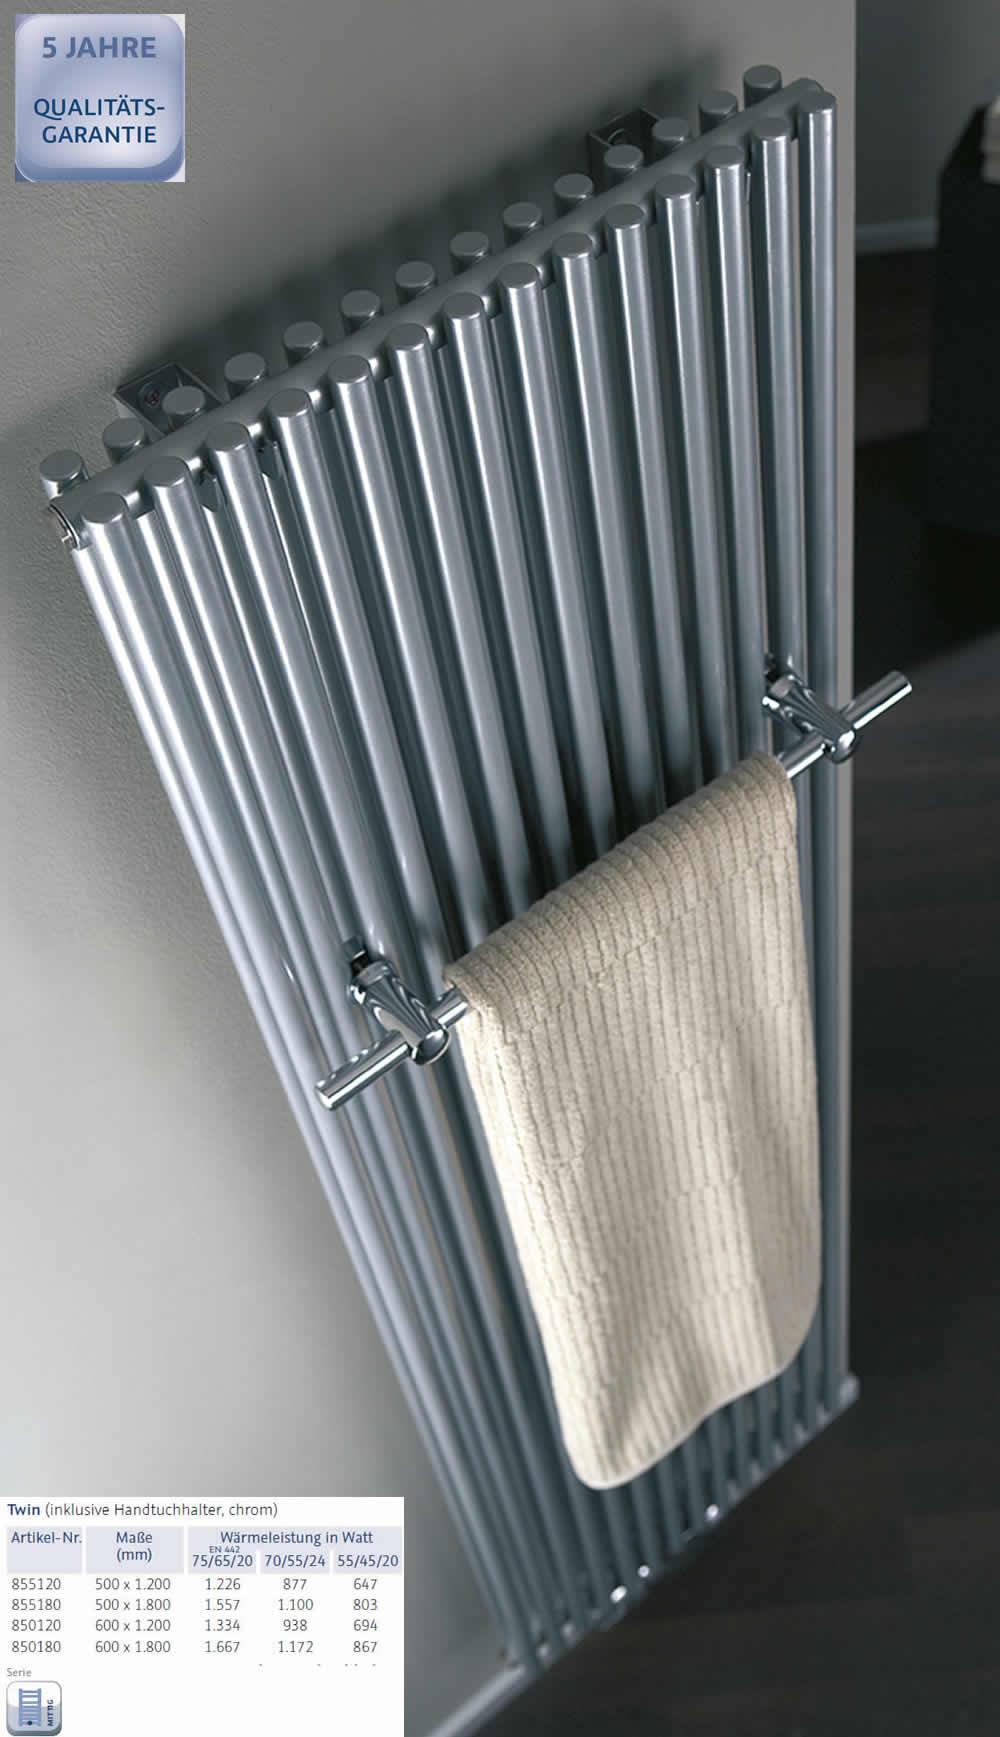 Full Size of Bad Heizkörper Handtuchhalter Küche Elektroheizkörper Wohnzimmer Für Badezimmer Wohnzimmer Handtuchhalter Heizkörper